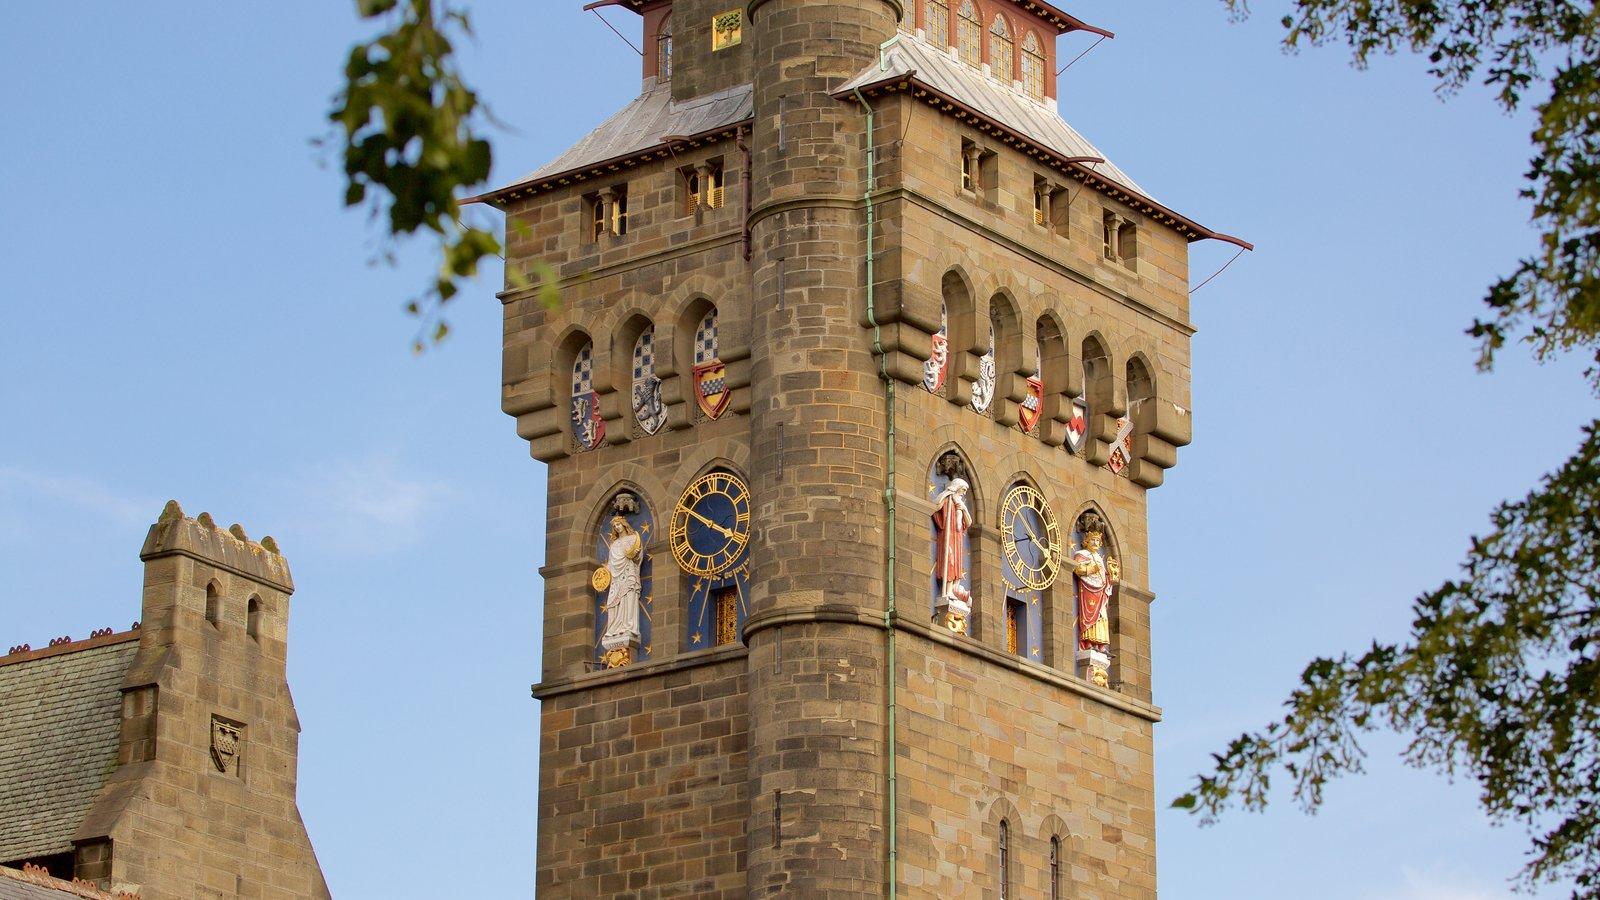 Castelo de Cardiff caracterizando um castelo, arquitetura de patrimônio e elementos de patrimônio